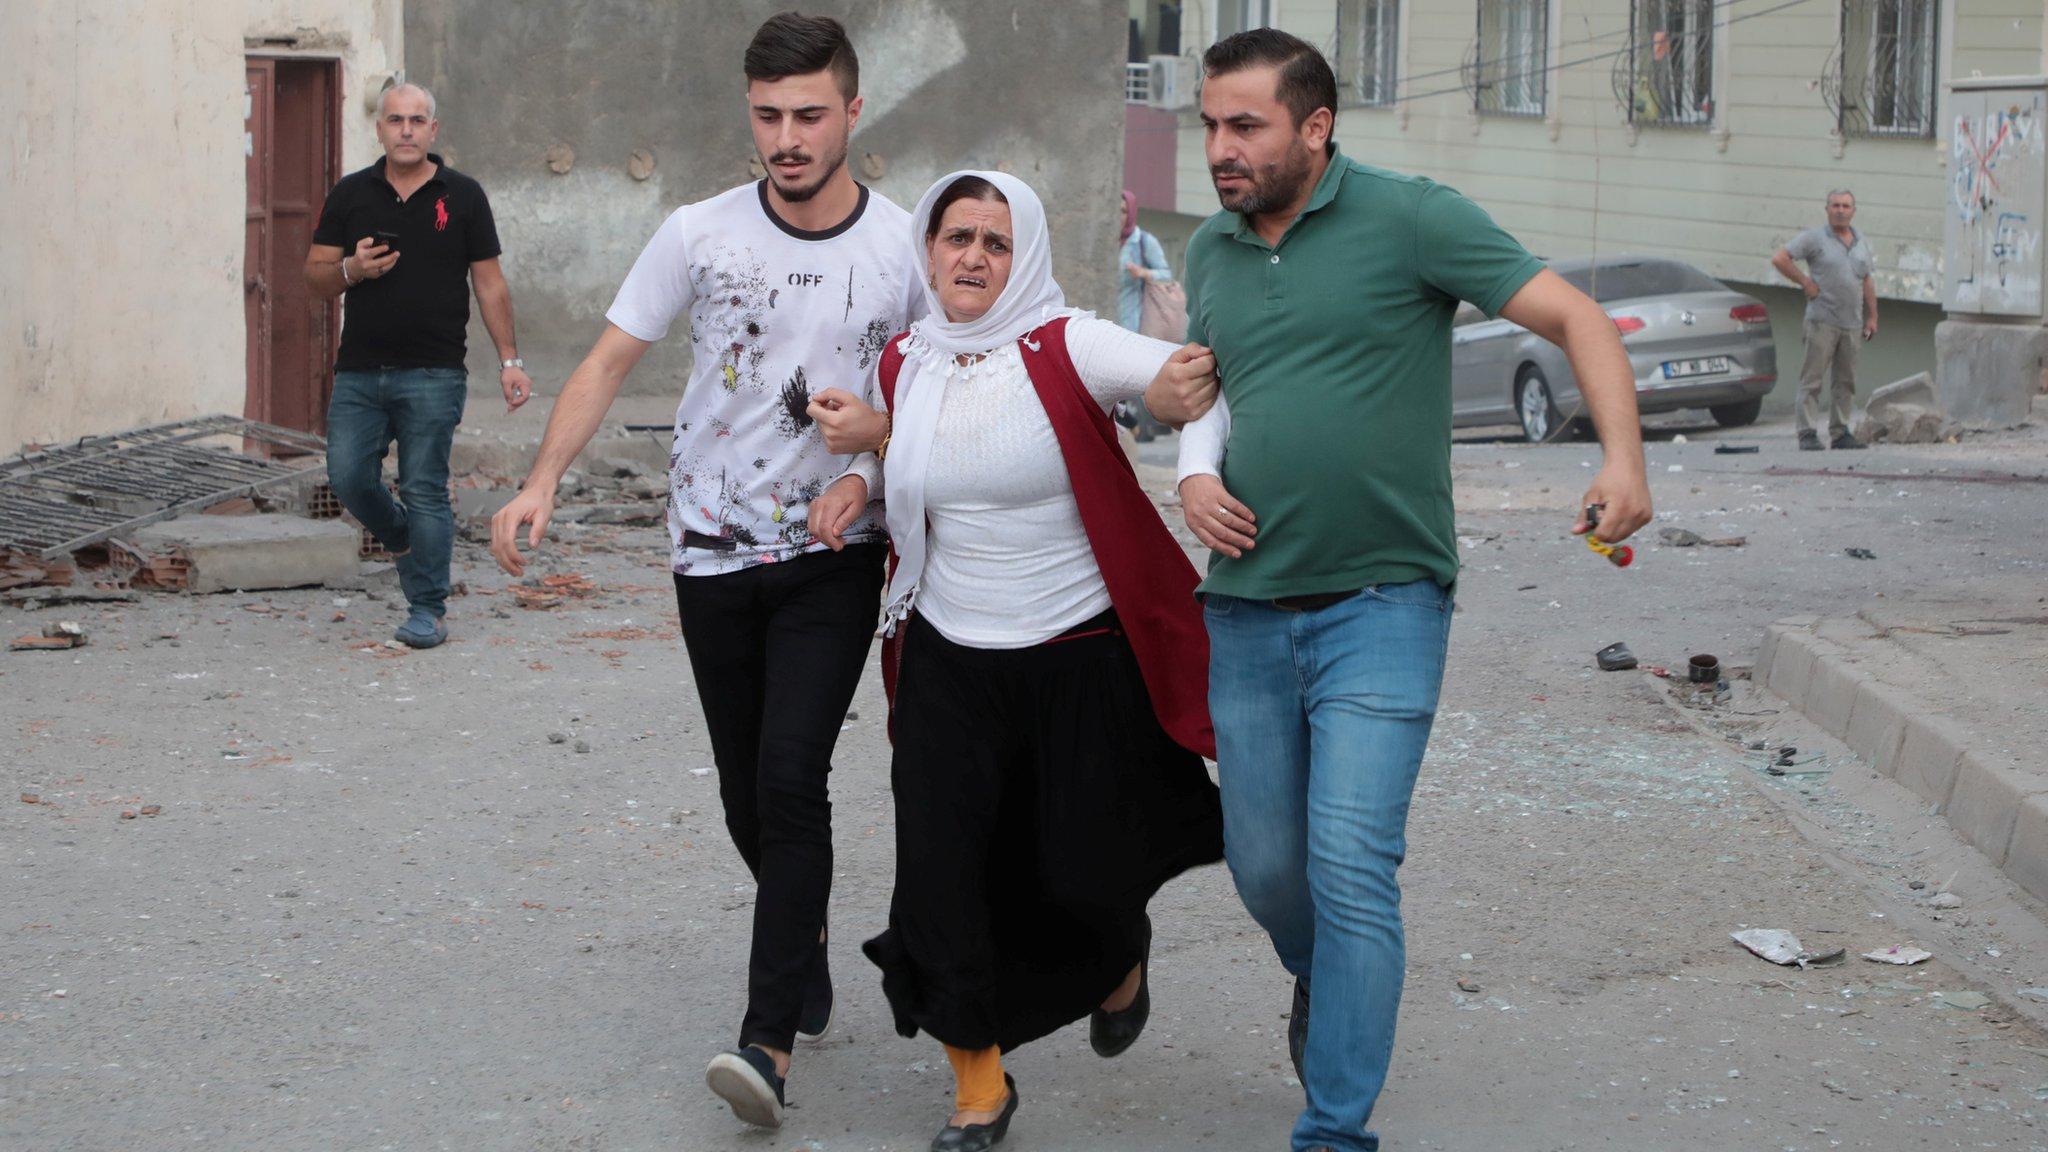 العملية التركية في سوريا: سقوط عشرات القتلى مع احتدام القتال